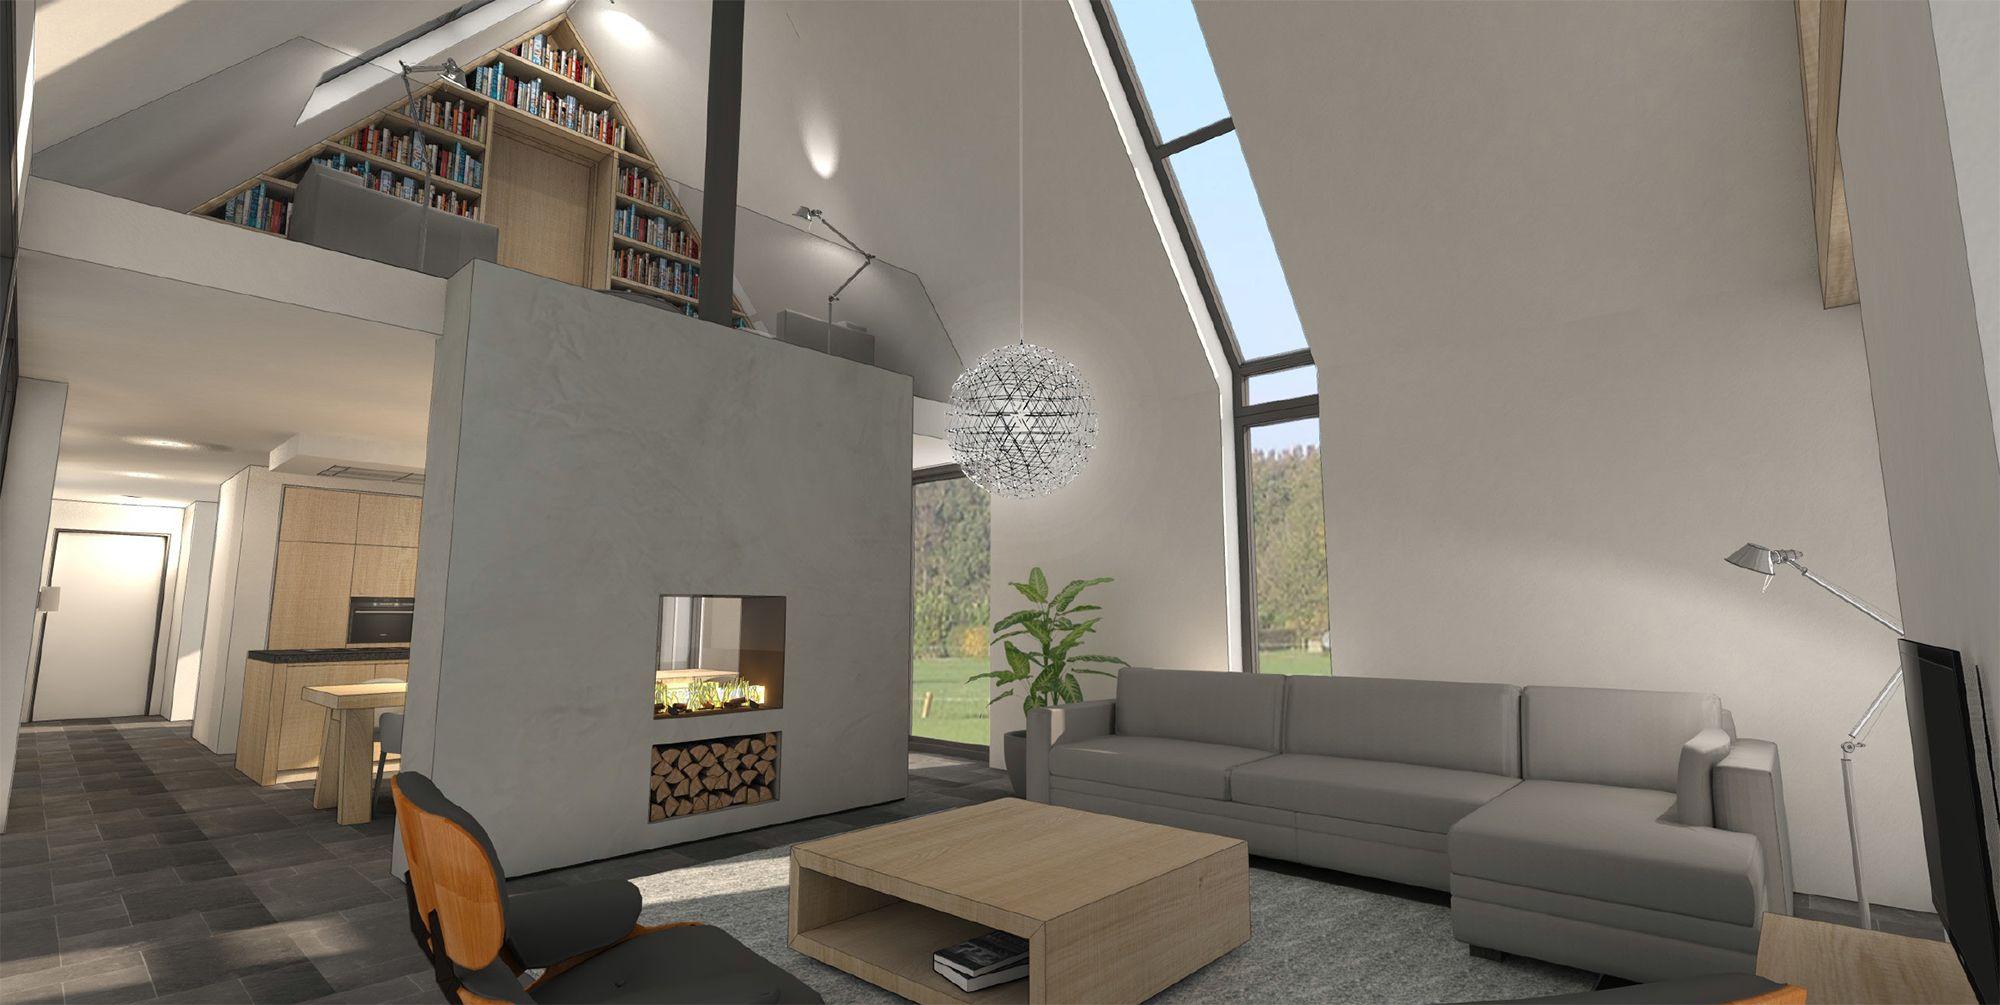 Afbeeldingsresultaat voor schuurwoning interieur | Ideeën voor het ...